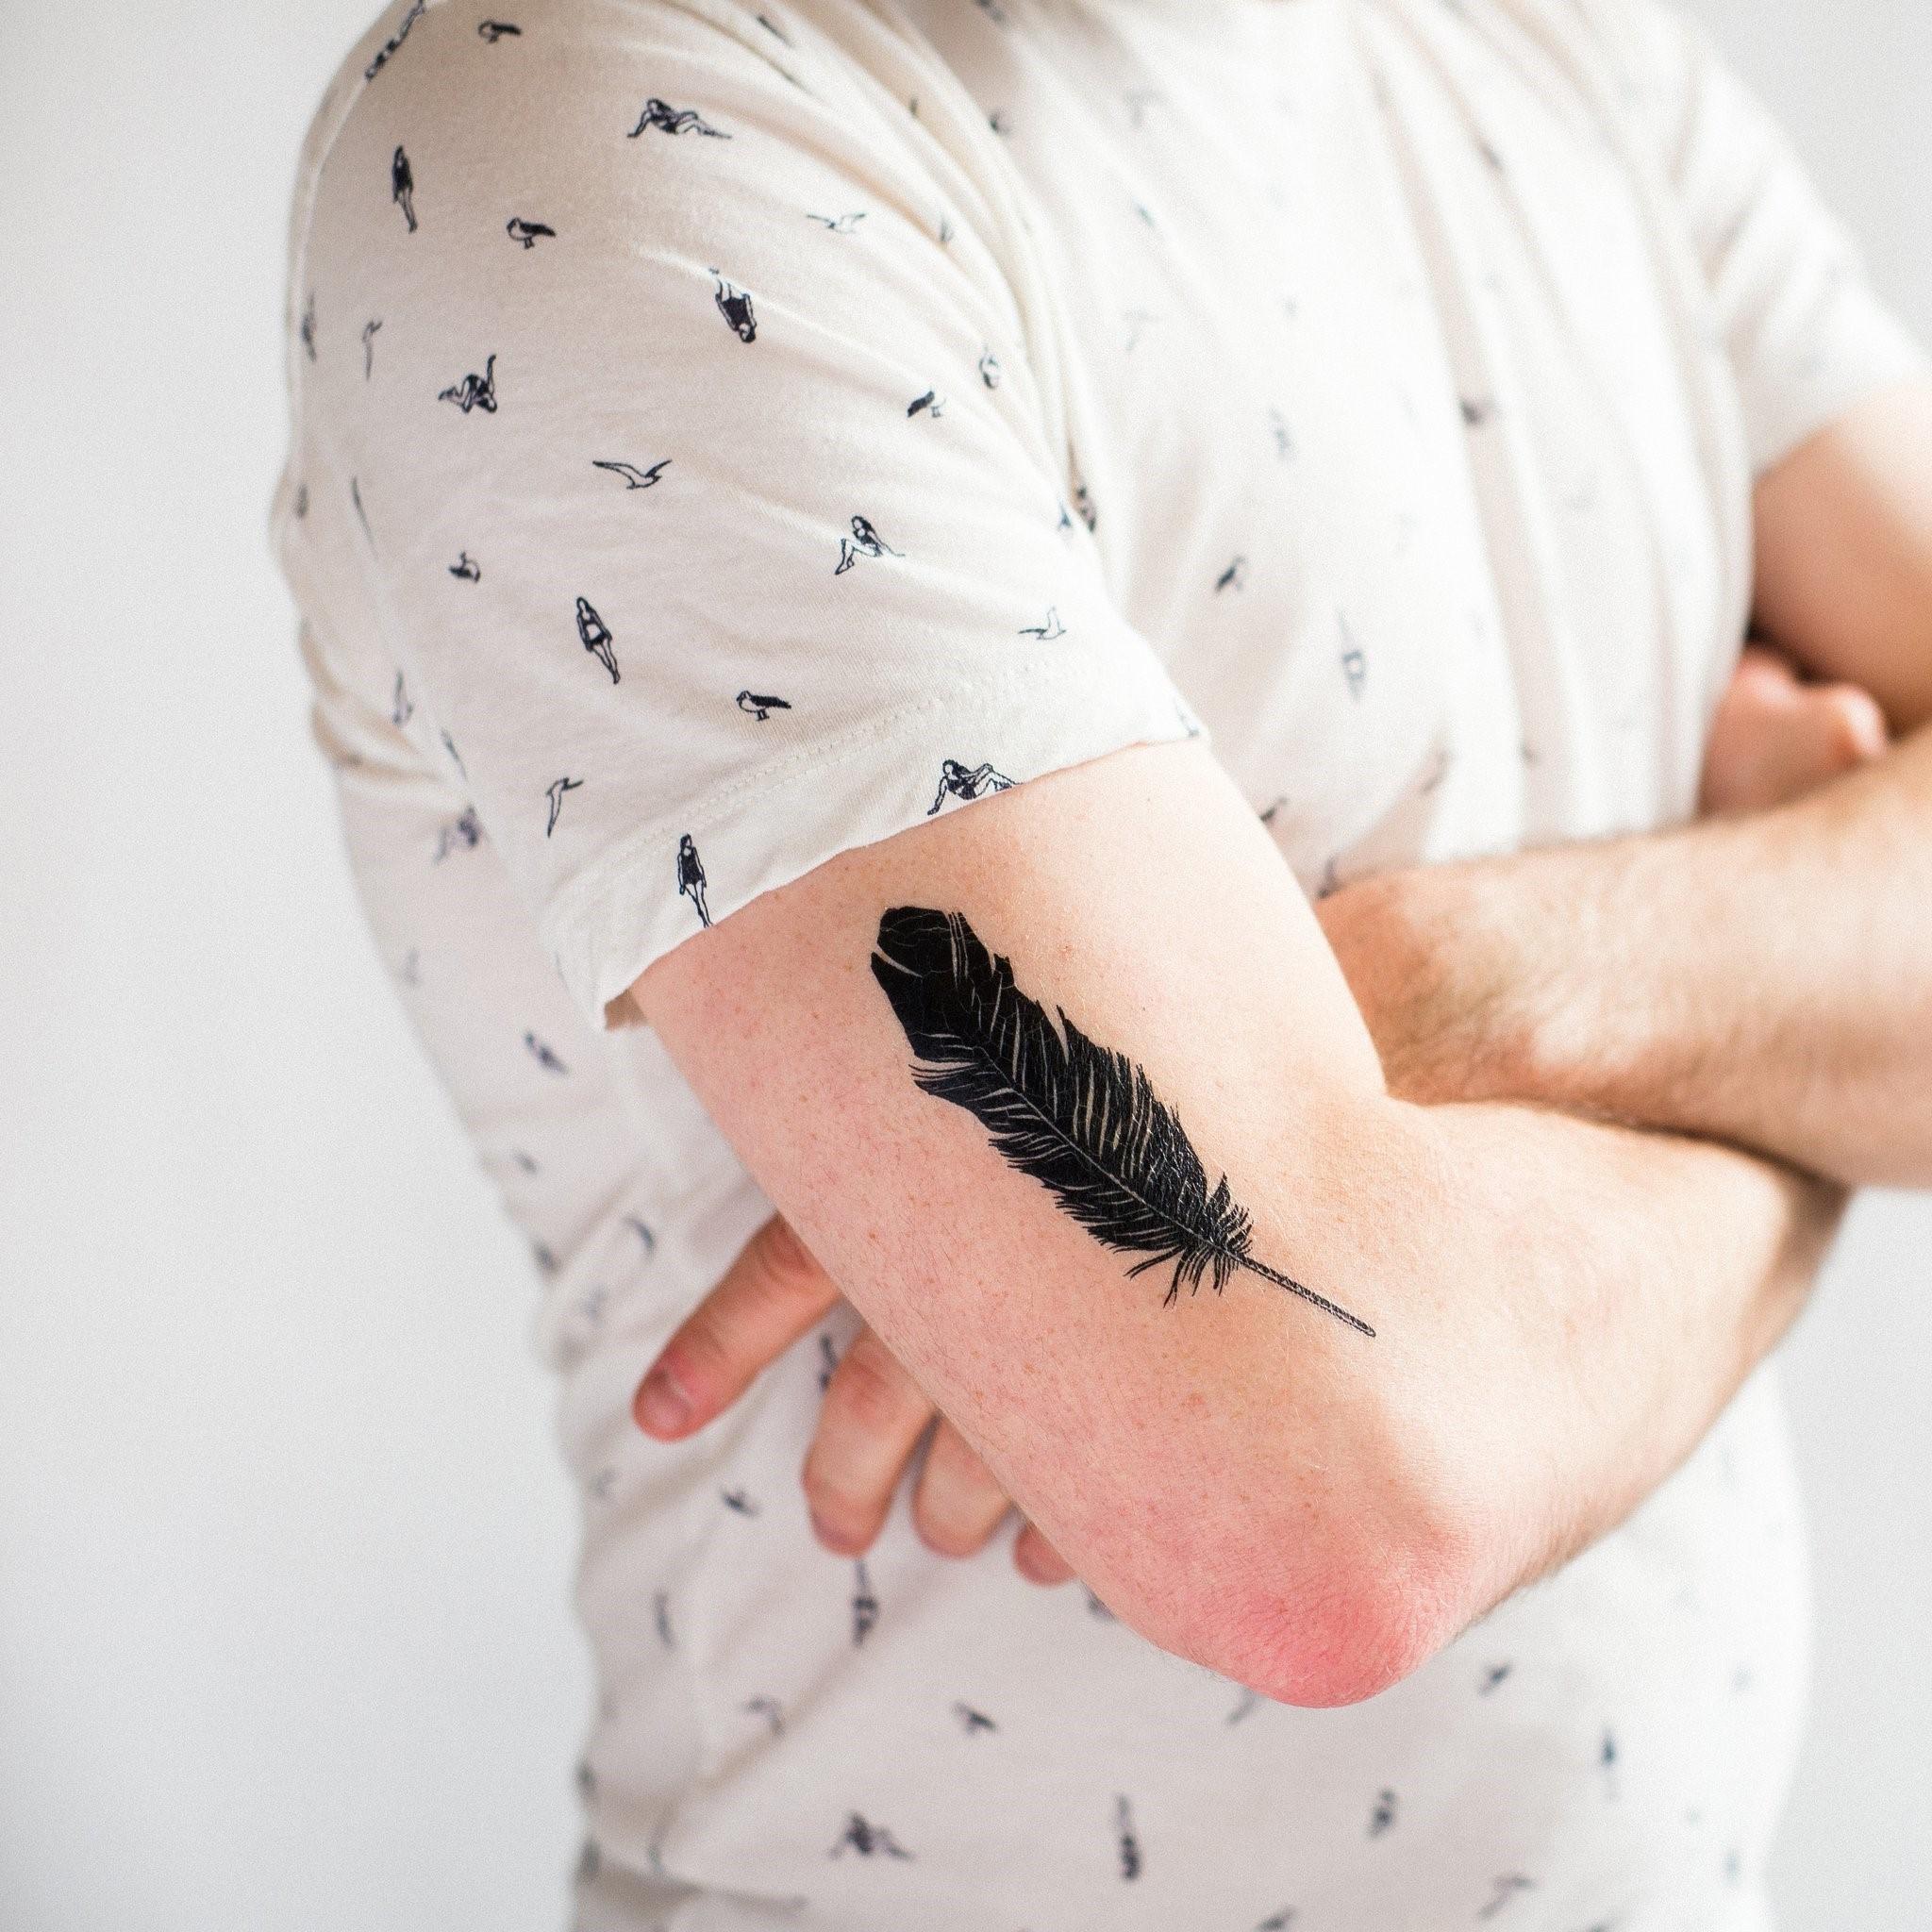 L'une des raisons esthétiques pour lesquelles beaucoup de gens se font tatouer avec des plumes est qu'elles vont bien avec d'autres images.